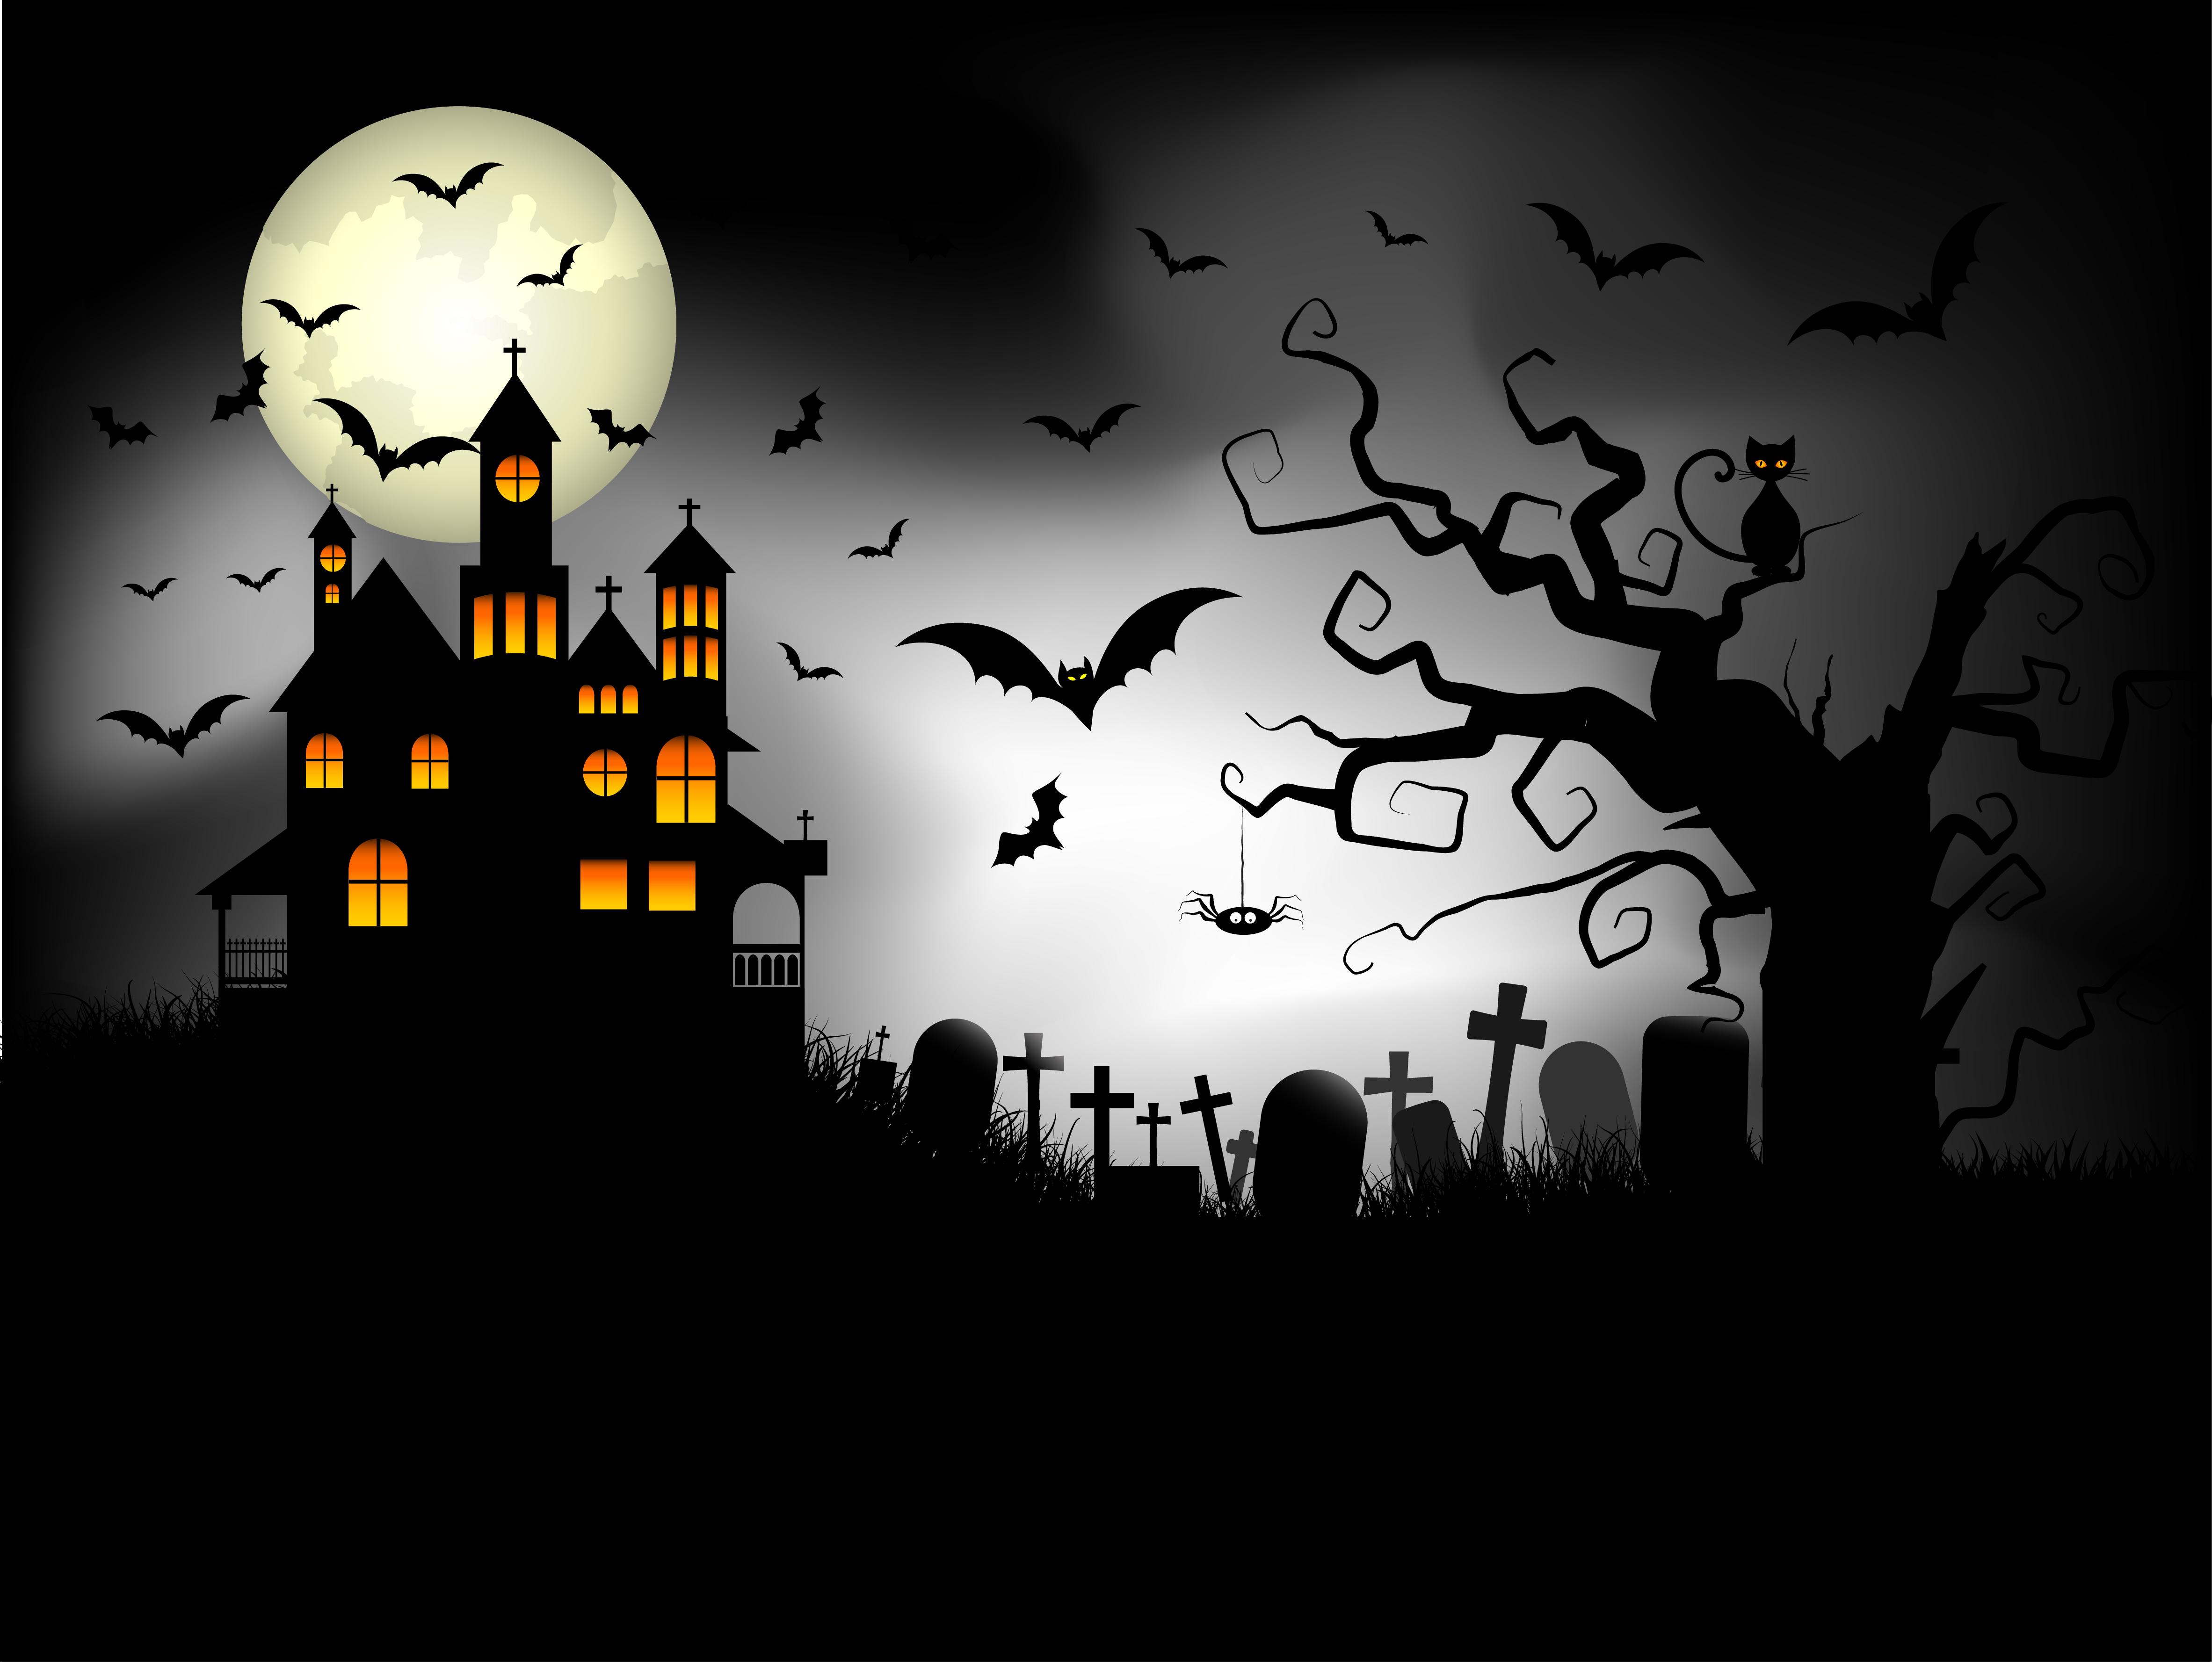 Spooky Halloween background - Download Free Vectors ...